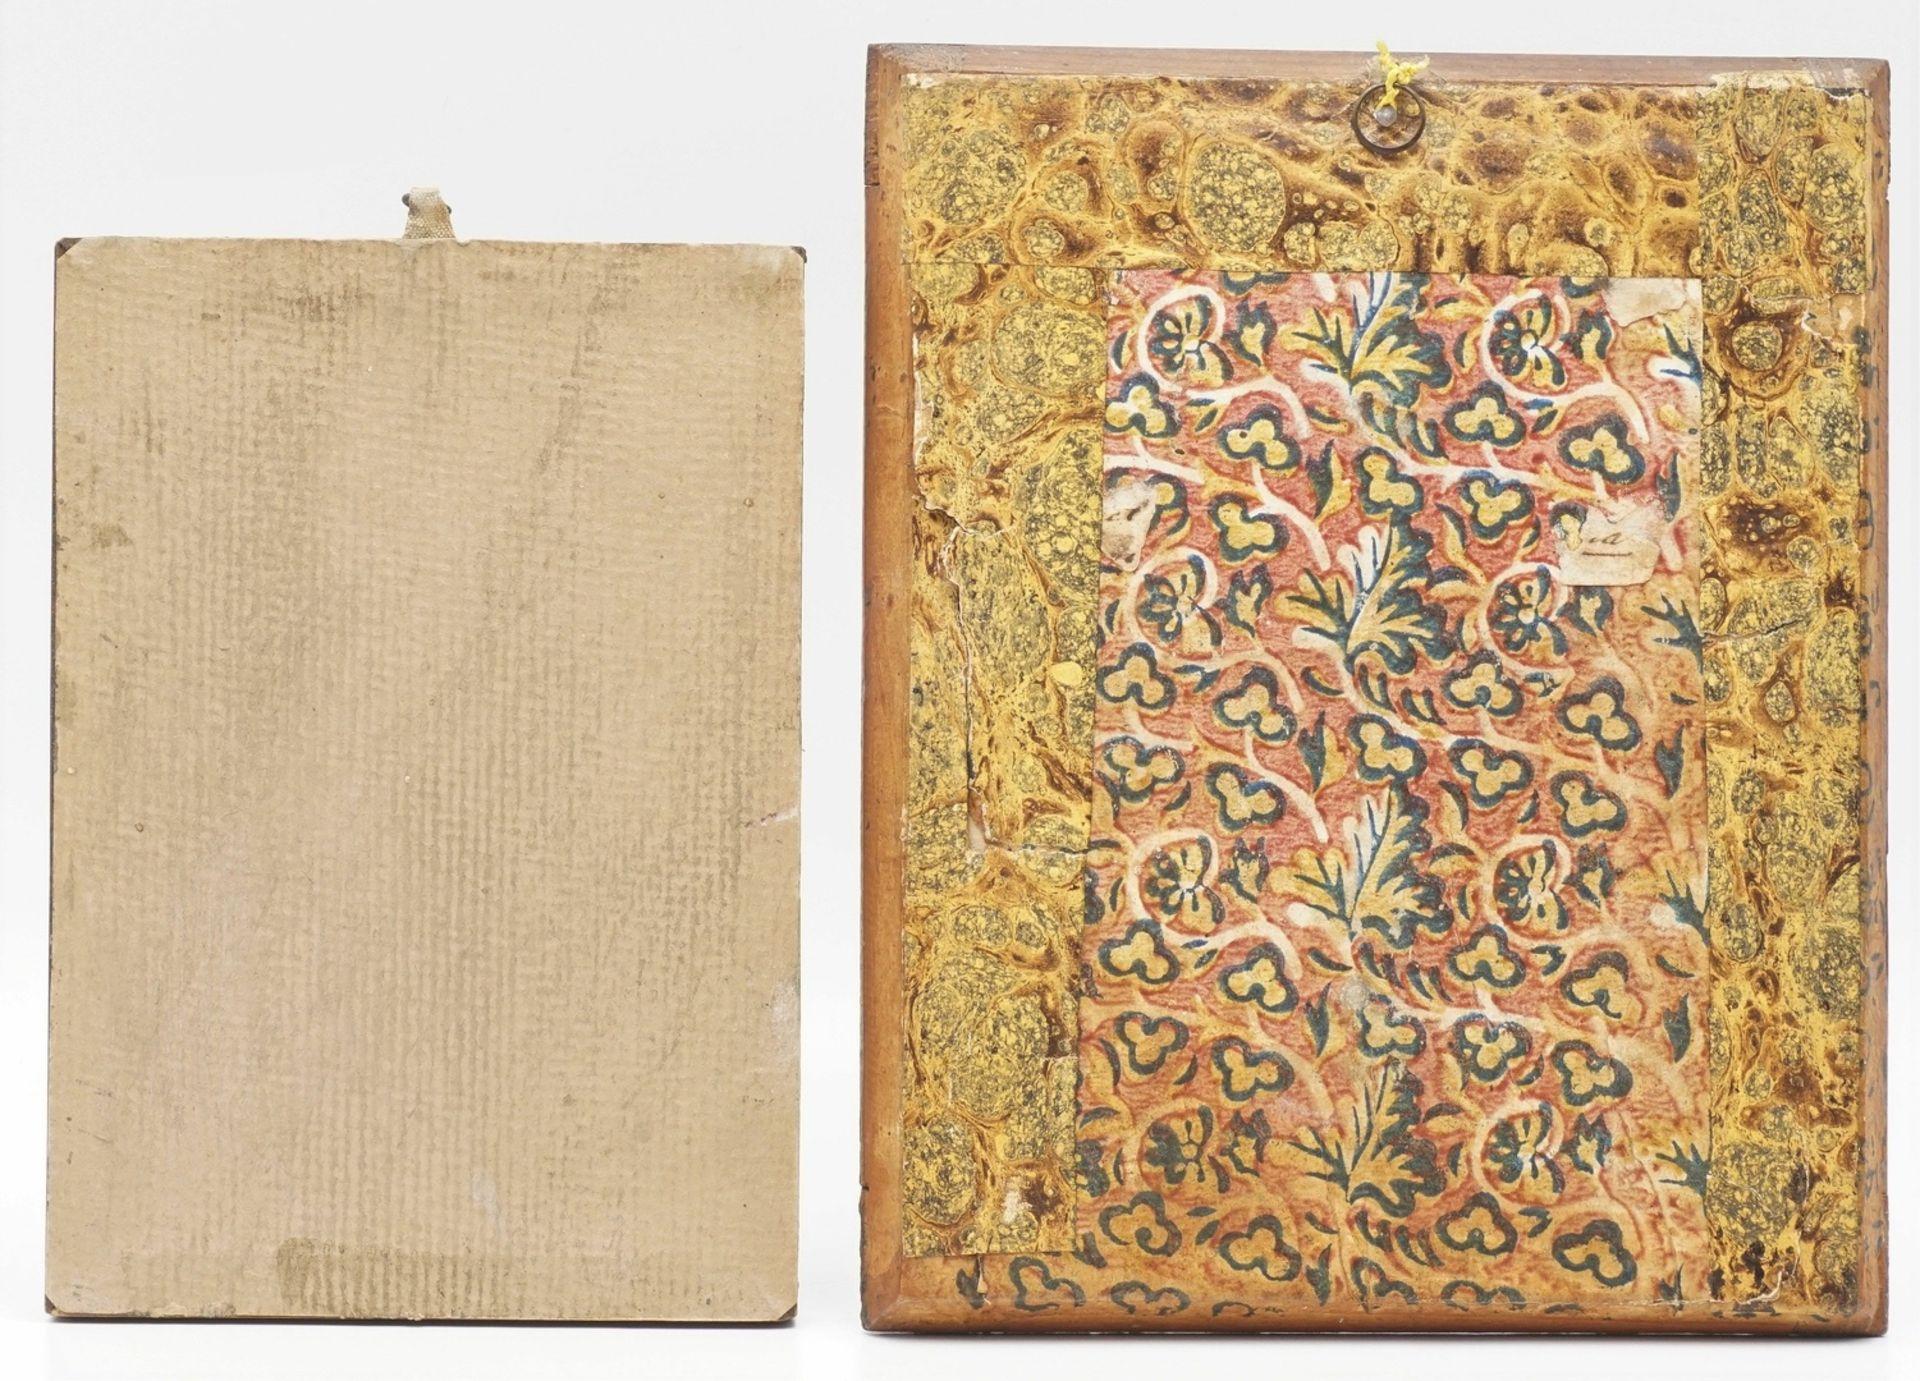 Zwei Andachtsbilder, 19. Jh. - Bild 2 aus 4